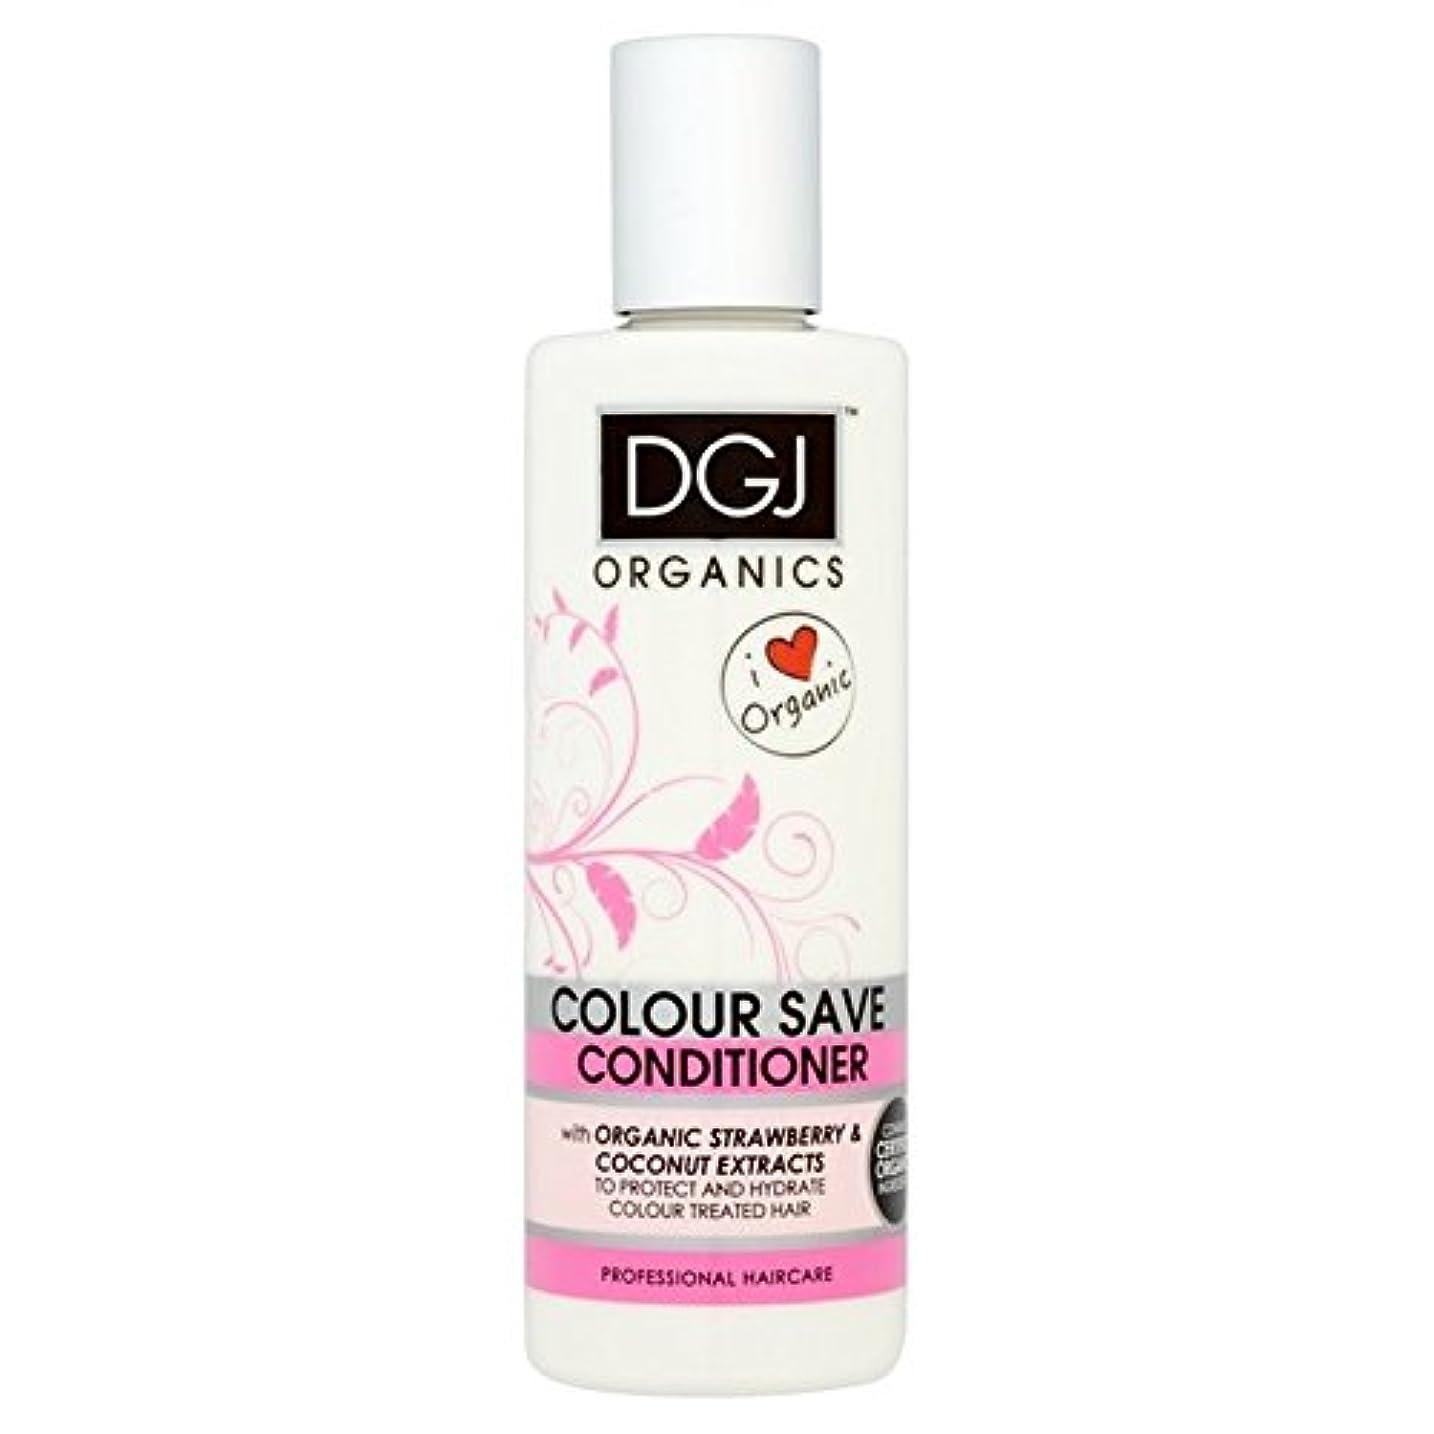 ポップリゾート記者有機物の色コンディショナー250を保存 x2 - DGJ Organics Colour Save Conditioner 250ml (Pack of 2) [並行輸入品]